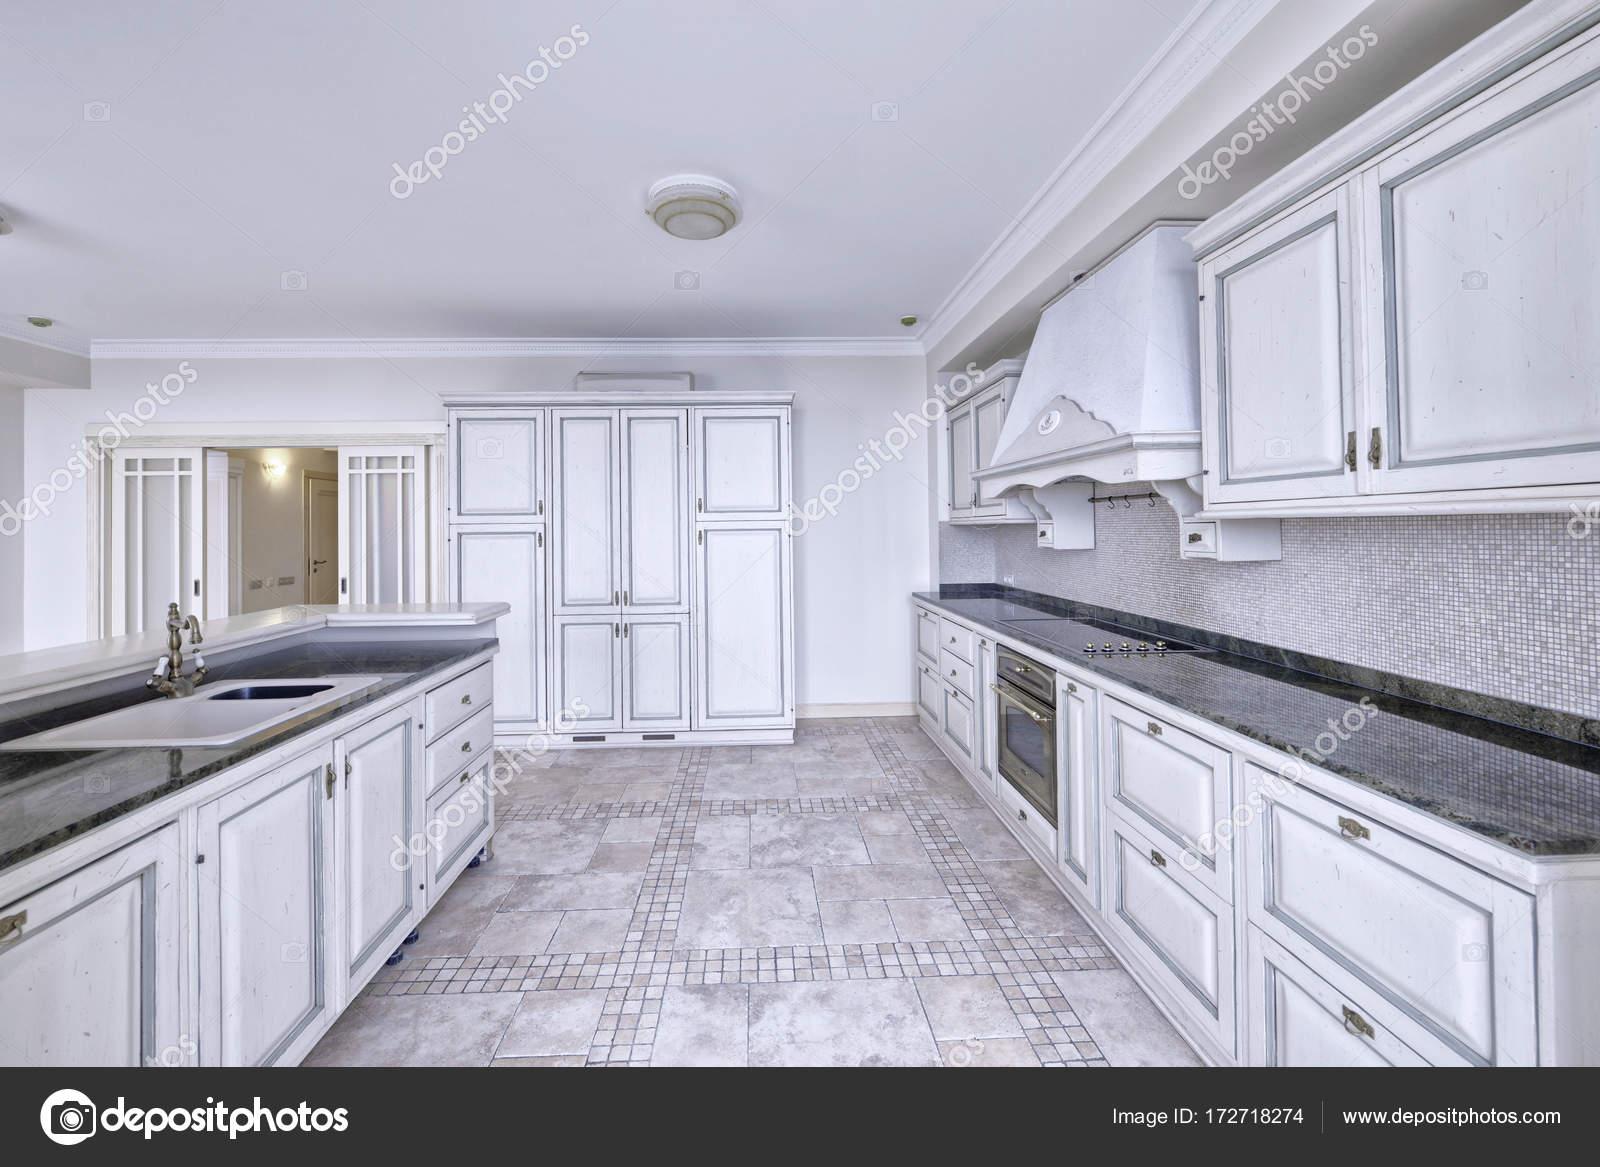 Cuisine, Salle à Manger, Poêle, Réfrigérateur, Four, Vaisselle, Chaises,  Bar, Cuisinier, Alimentaire, Appartement De Vacances Maison, Appartement,  New, ...